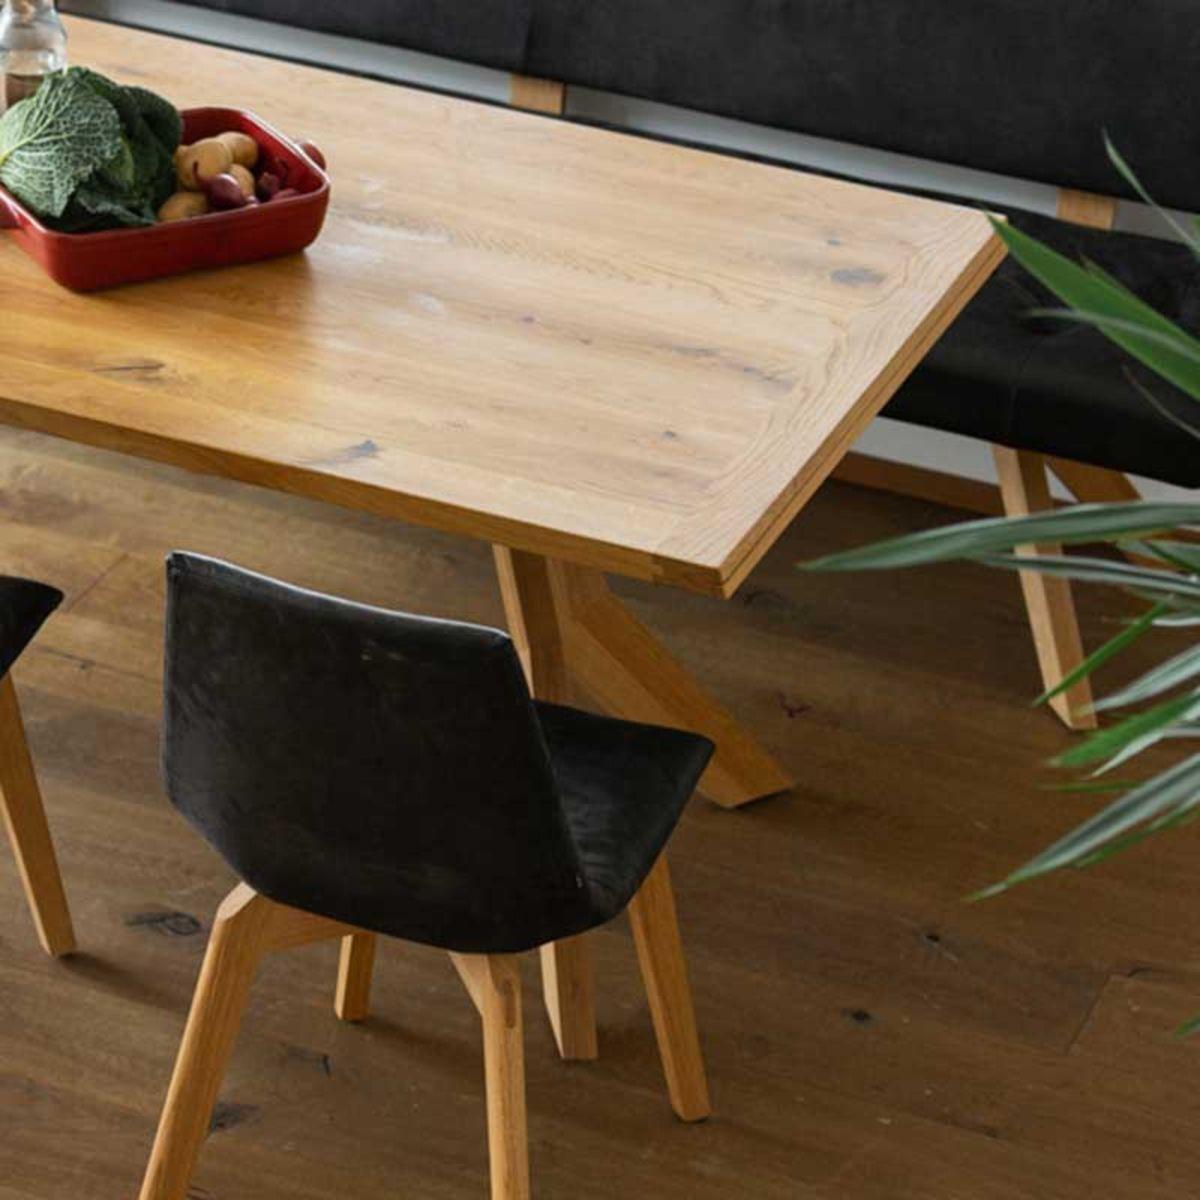 yps Tisch und Bank mit lui Stühlen von TEAM 7 Berlin